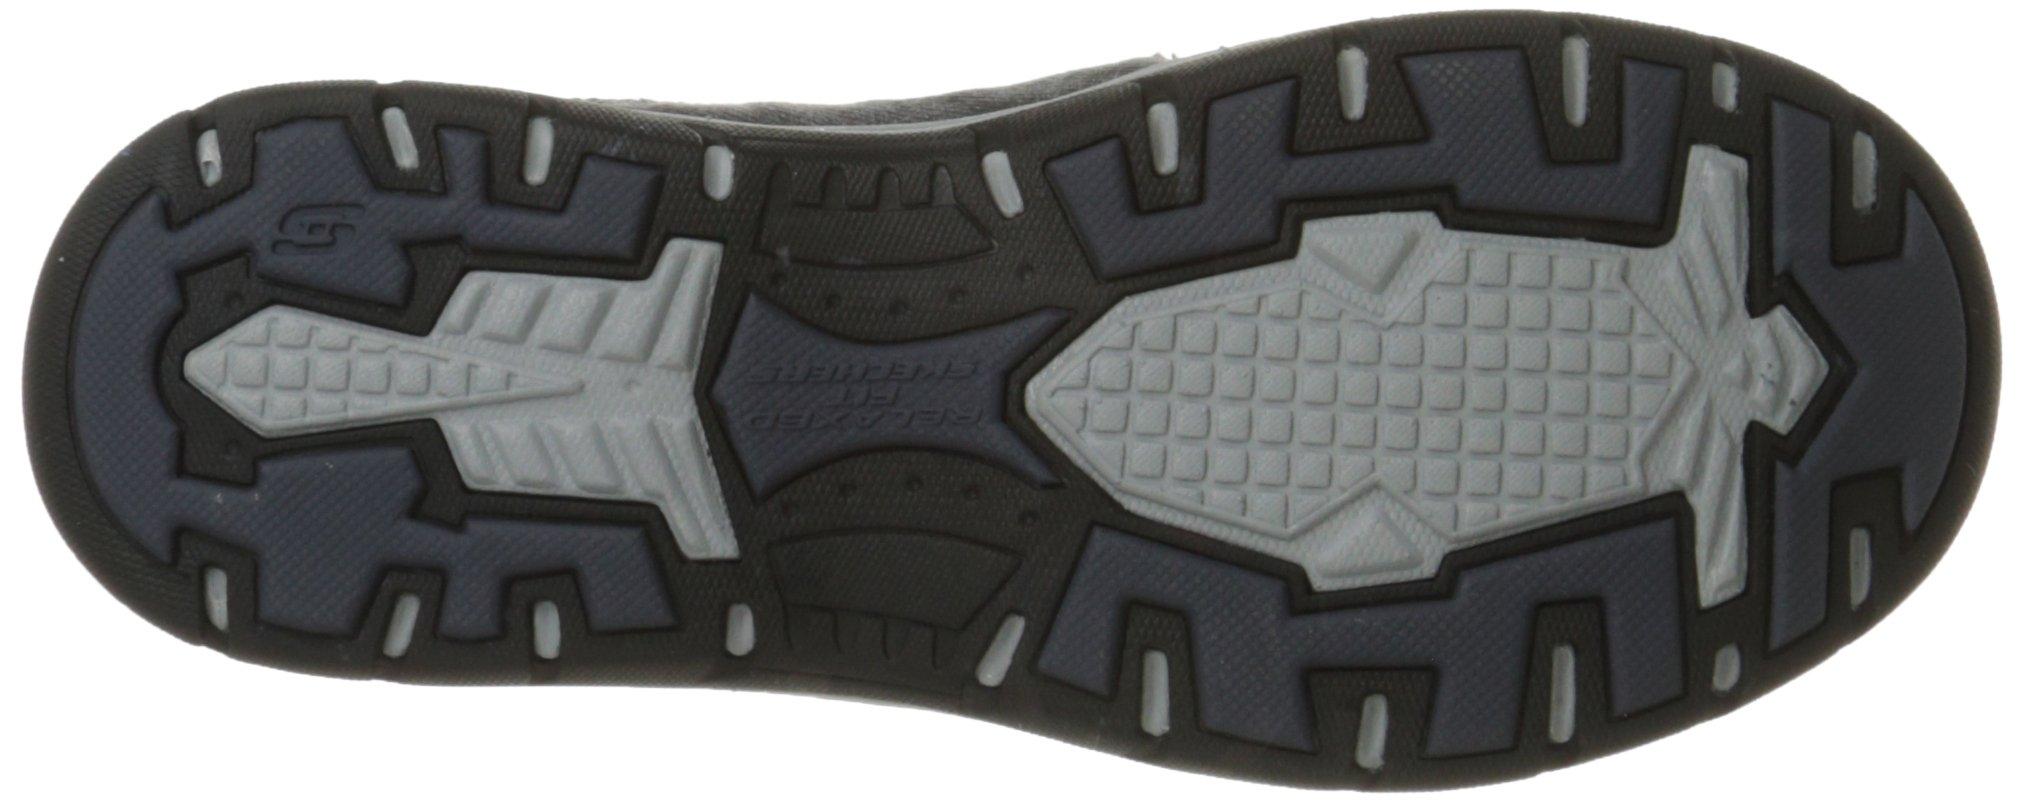 Skechers Men's Expected Avillo Relaxed-Fit Slip-On Loafer,Black,13 M US by Skechers (Image #3)